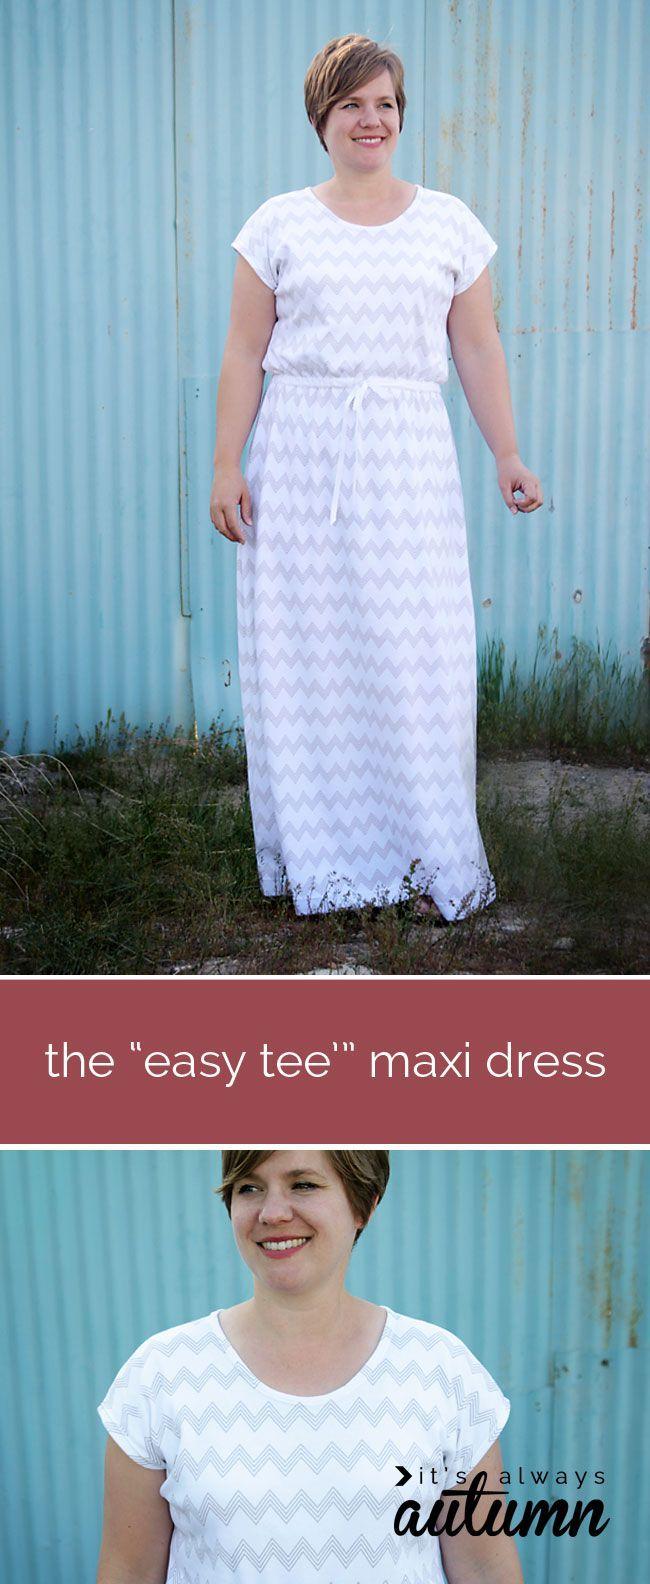 How to sew a maxi dress sew maxi dresses maxi dress tutorials how to sew a maxi dress jeuxipadfo Images